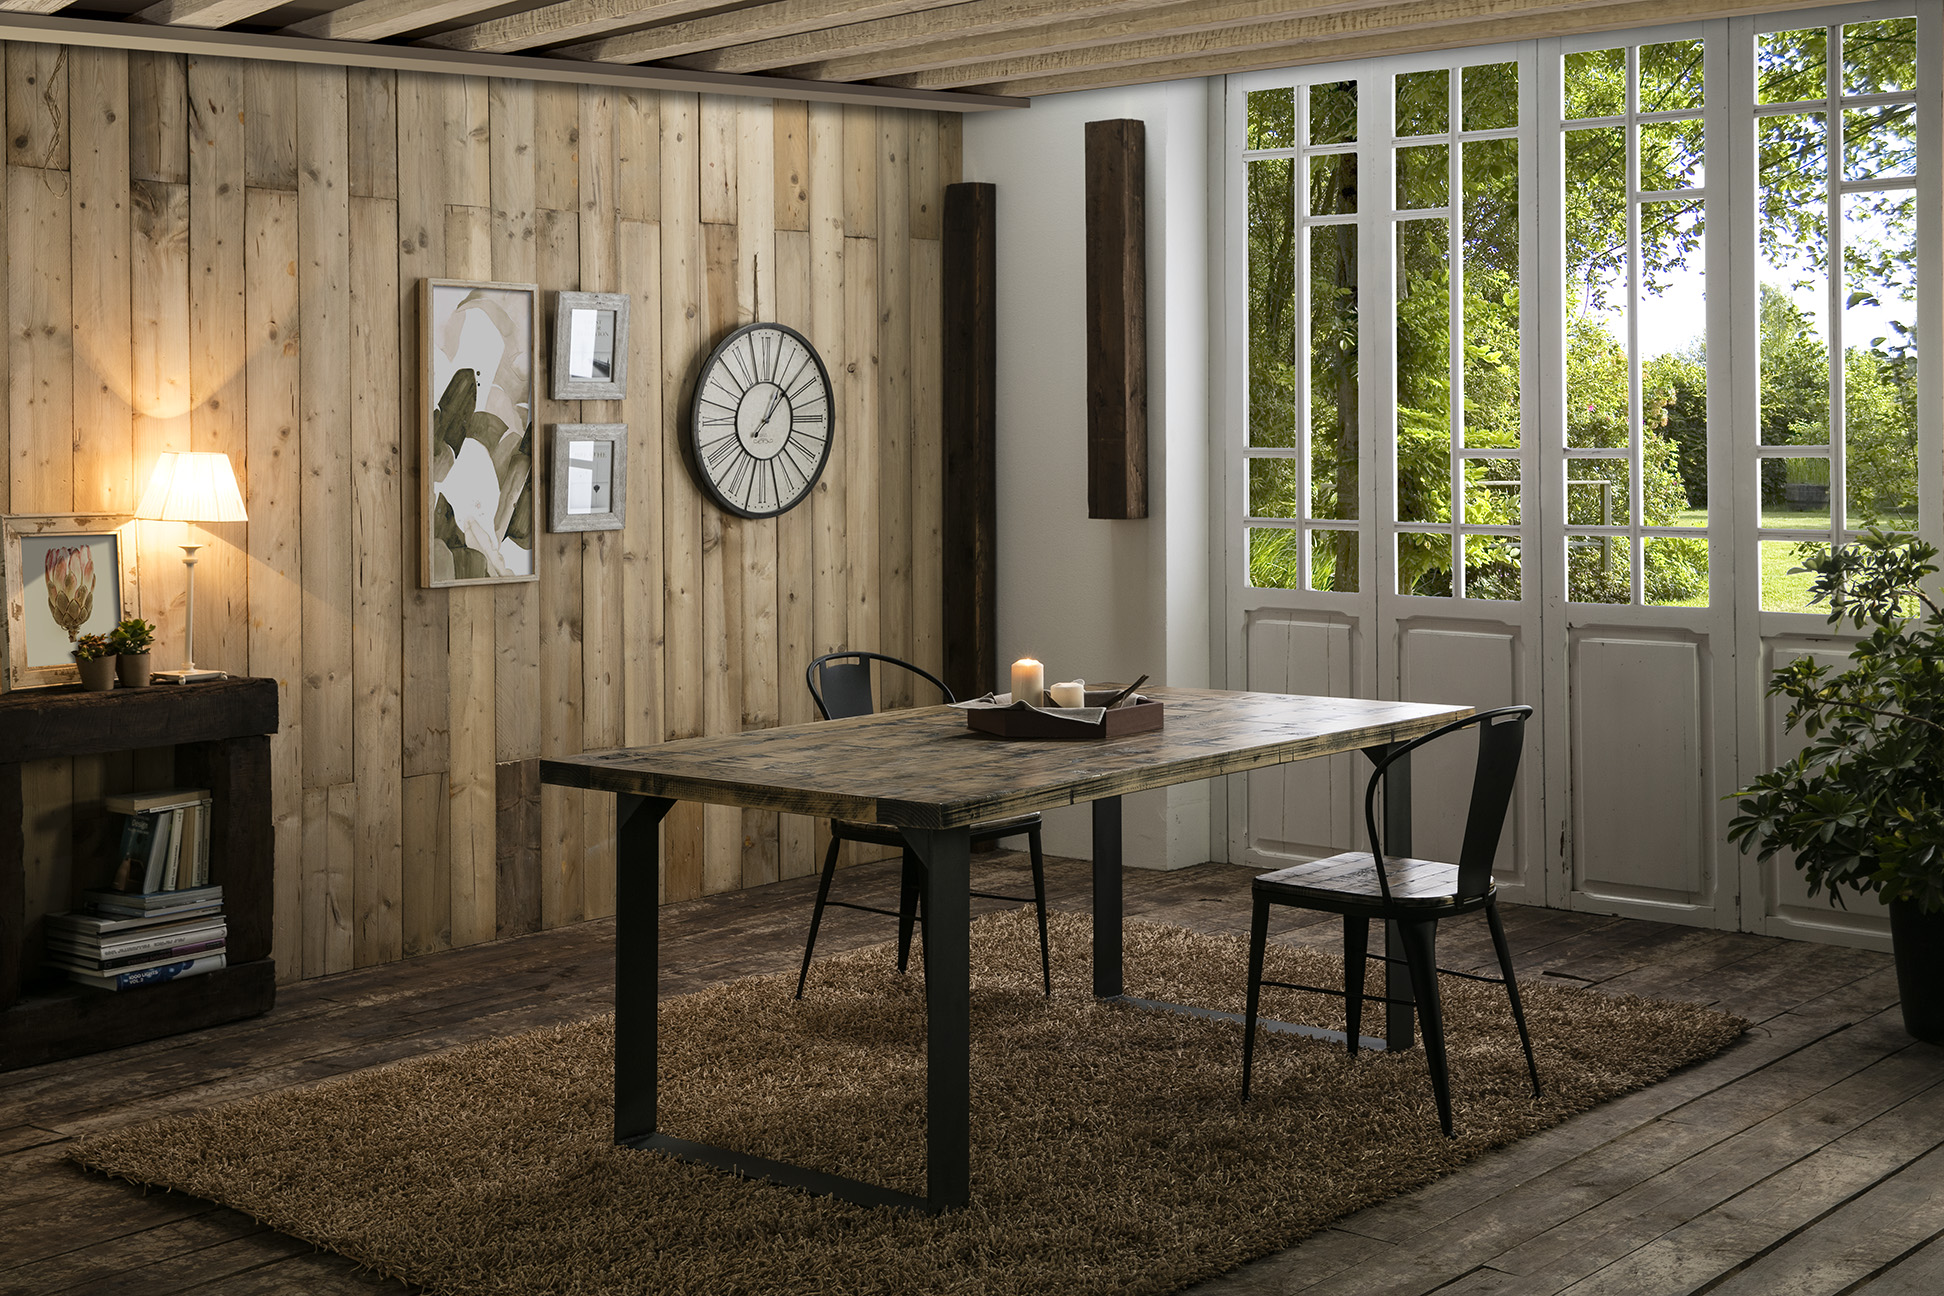 mesa y sillas de madera y hierro color café